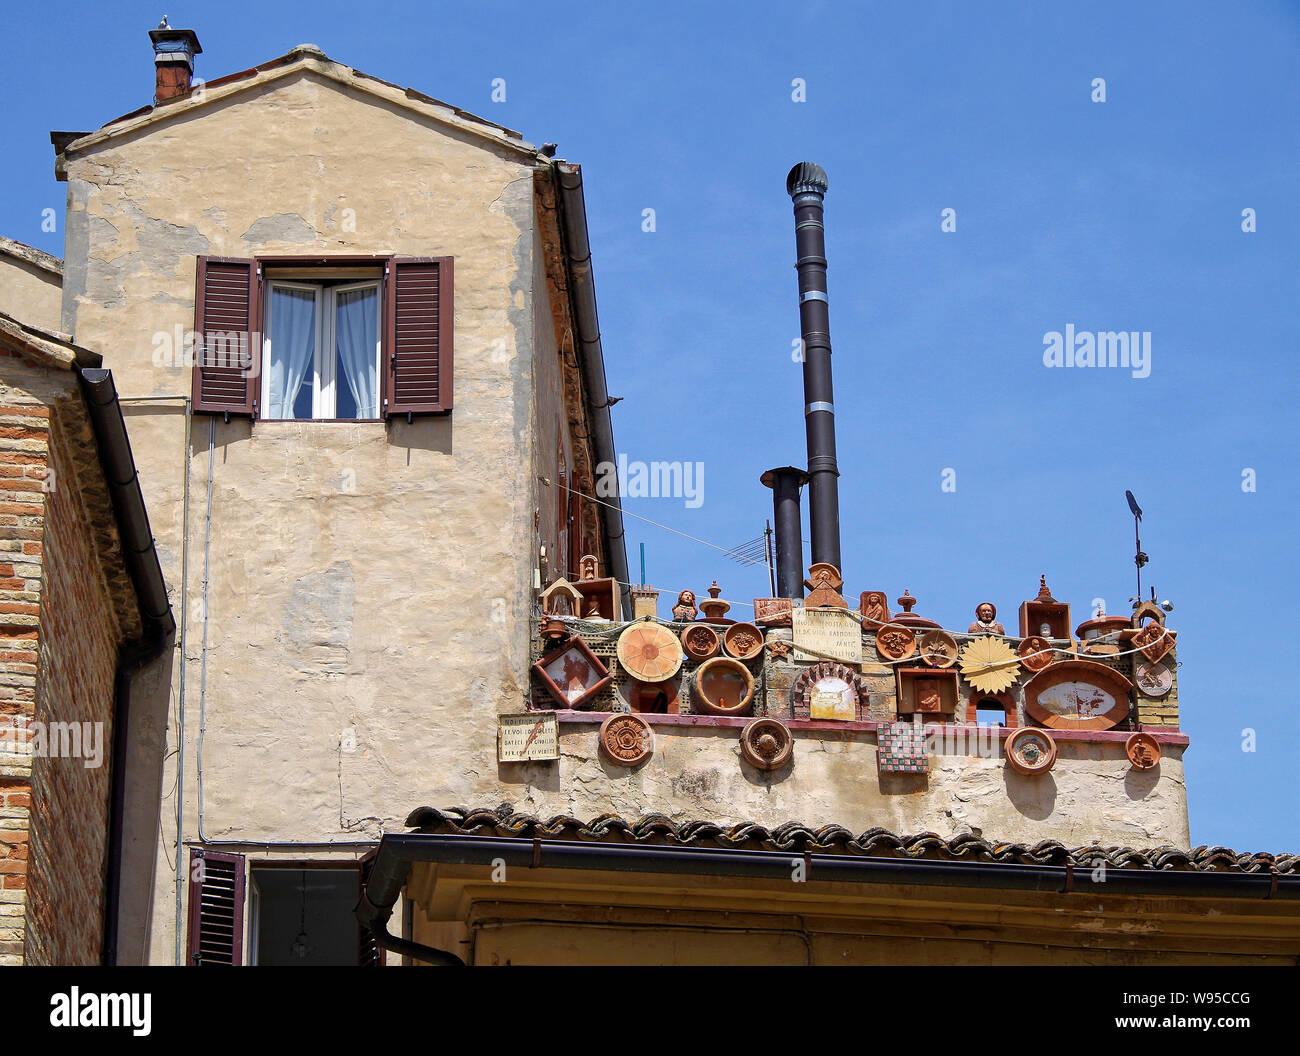 El Balcón De Una Pequeña Terraza Detrás De Un Edificio En La